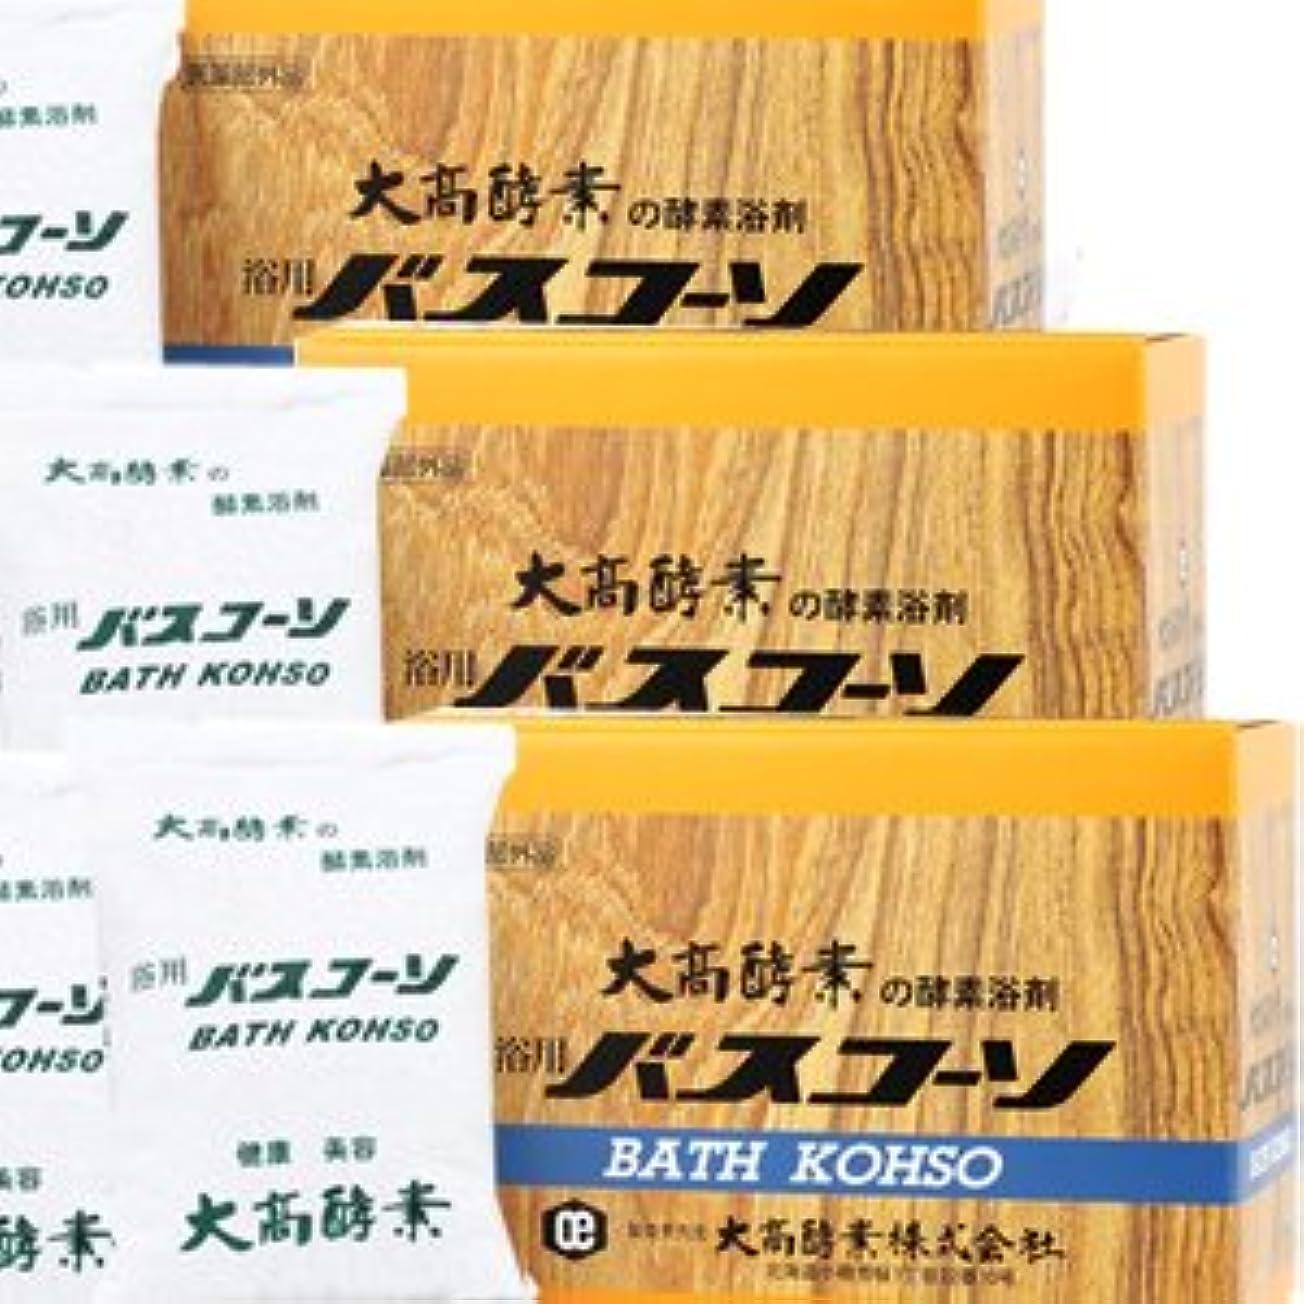 強い苗満員【3個】 大高酵素 バスコーソ酵素入浴剤(100g×6袋)x3個 4971578001095